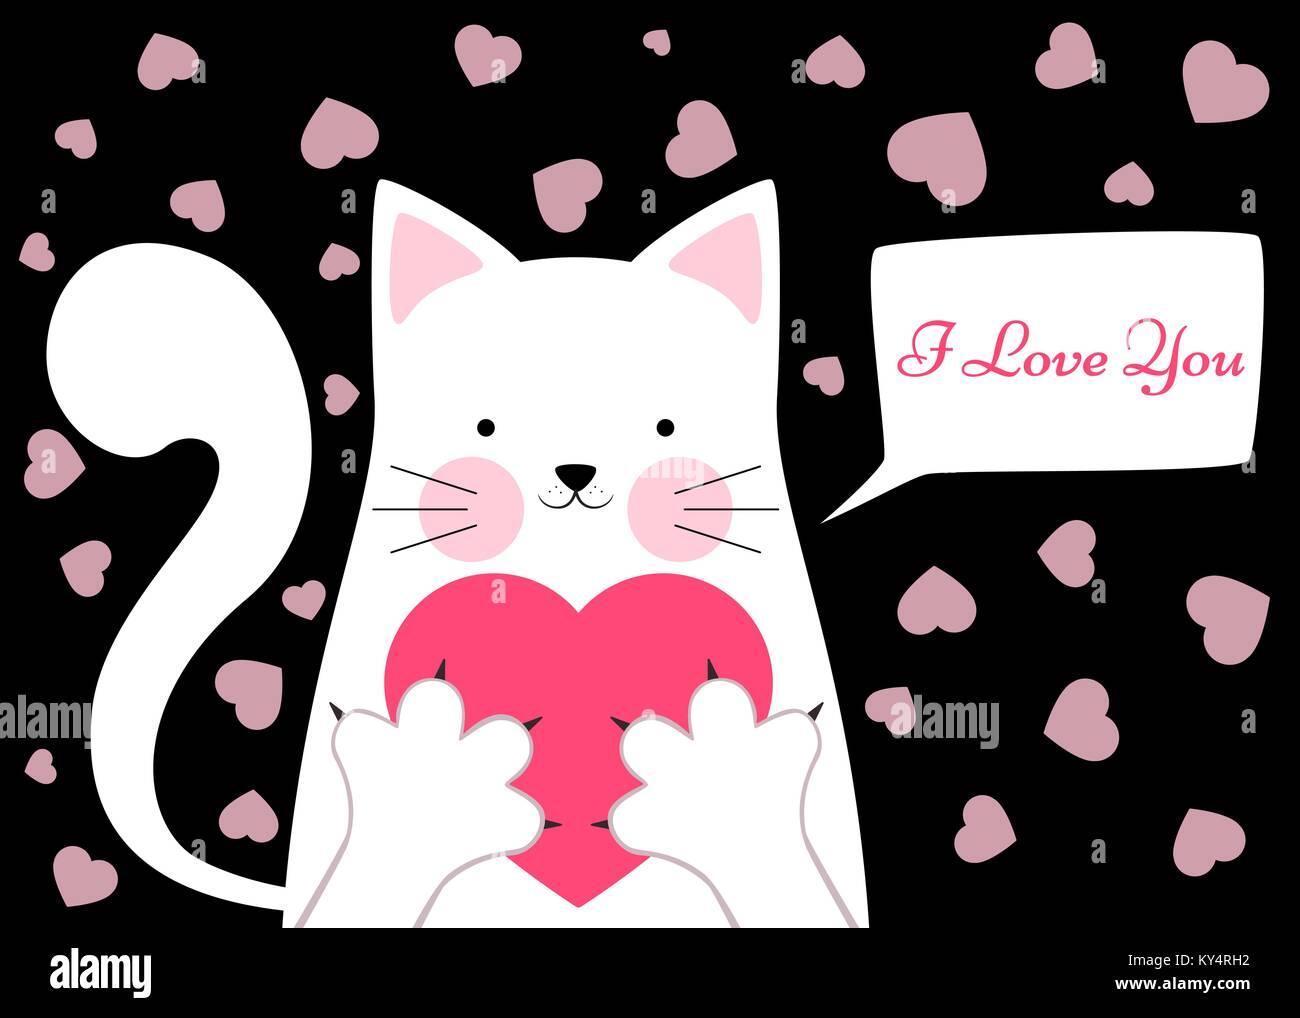 Suss Lustig Katze Mit Herz Valentinstag Abbildung Vektor Abbildung